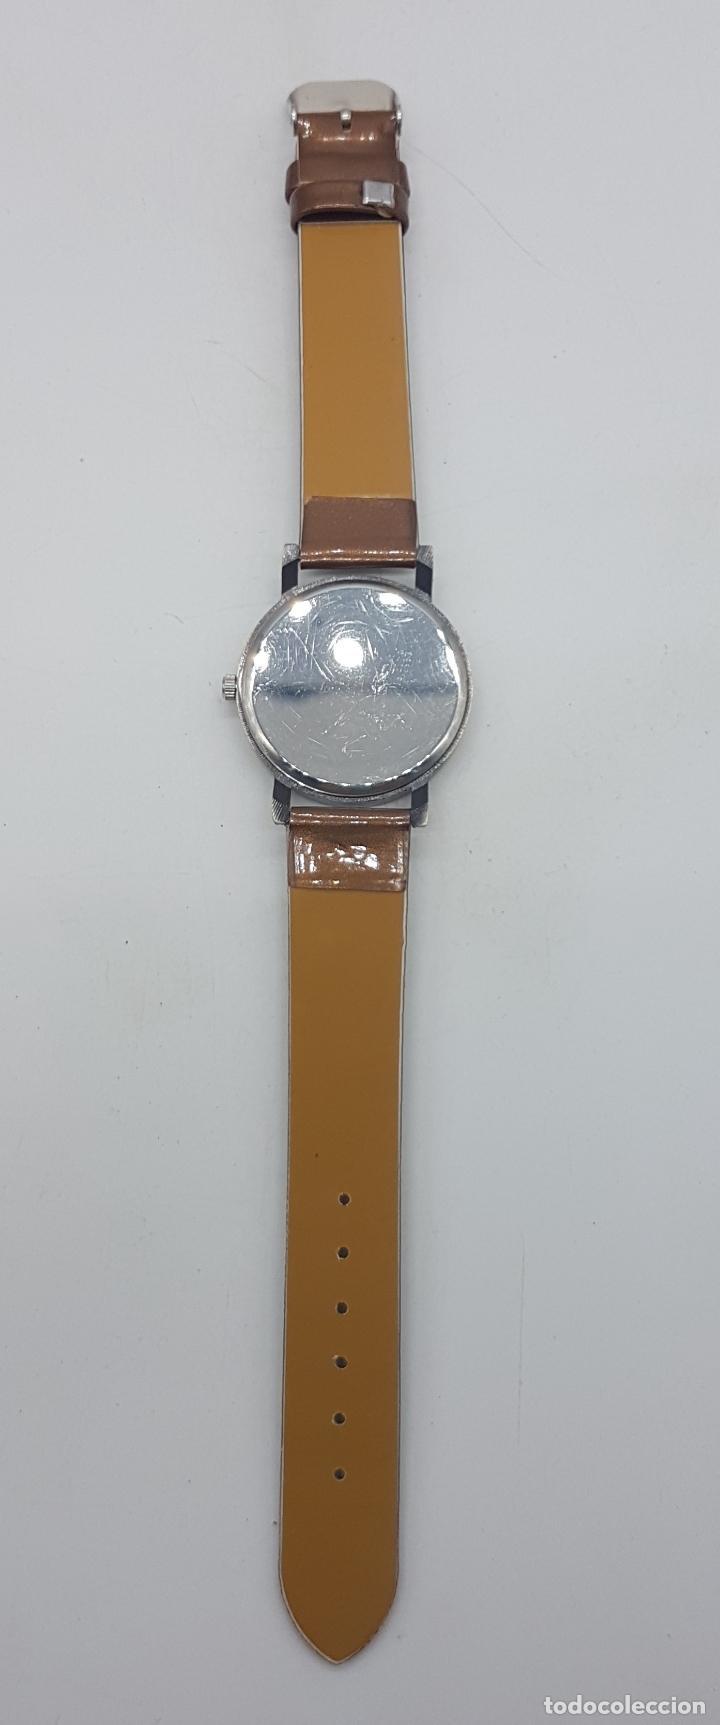 Relojes: Precioso reloj de pulsera con correa marrón y motivo de bulldog inglés. - Foto 4 - 127625459